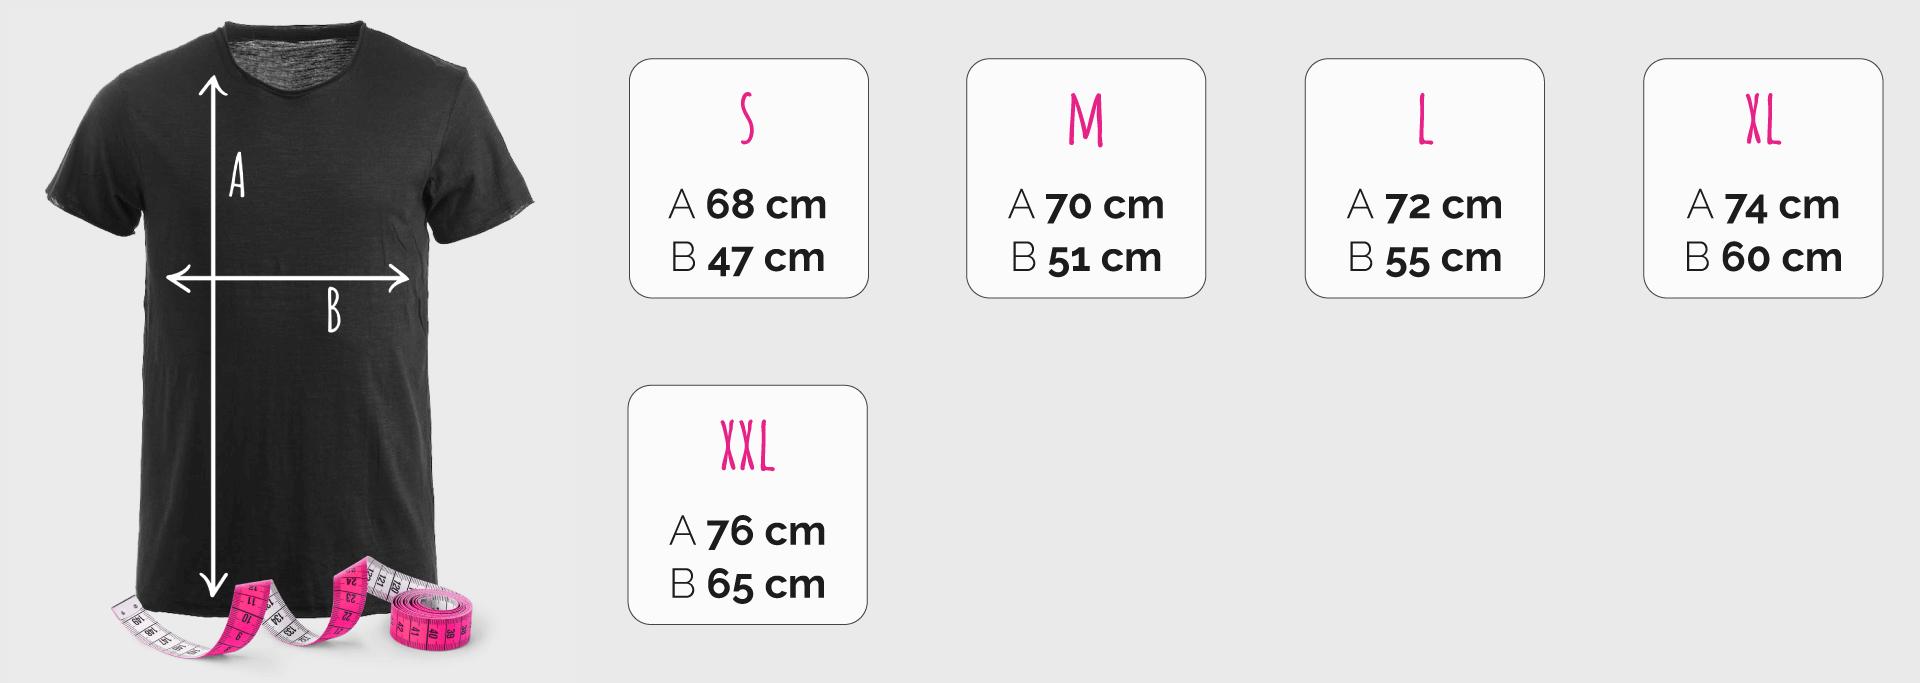 Creare magliette personalizzate online guida alle taglie a39aafd98bebe